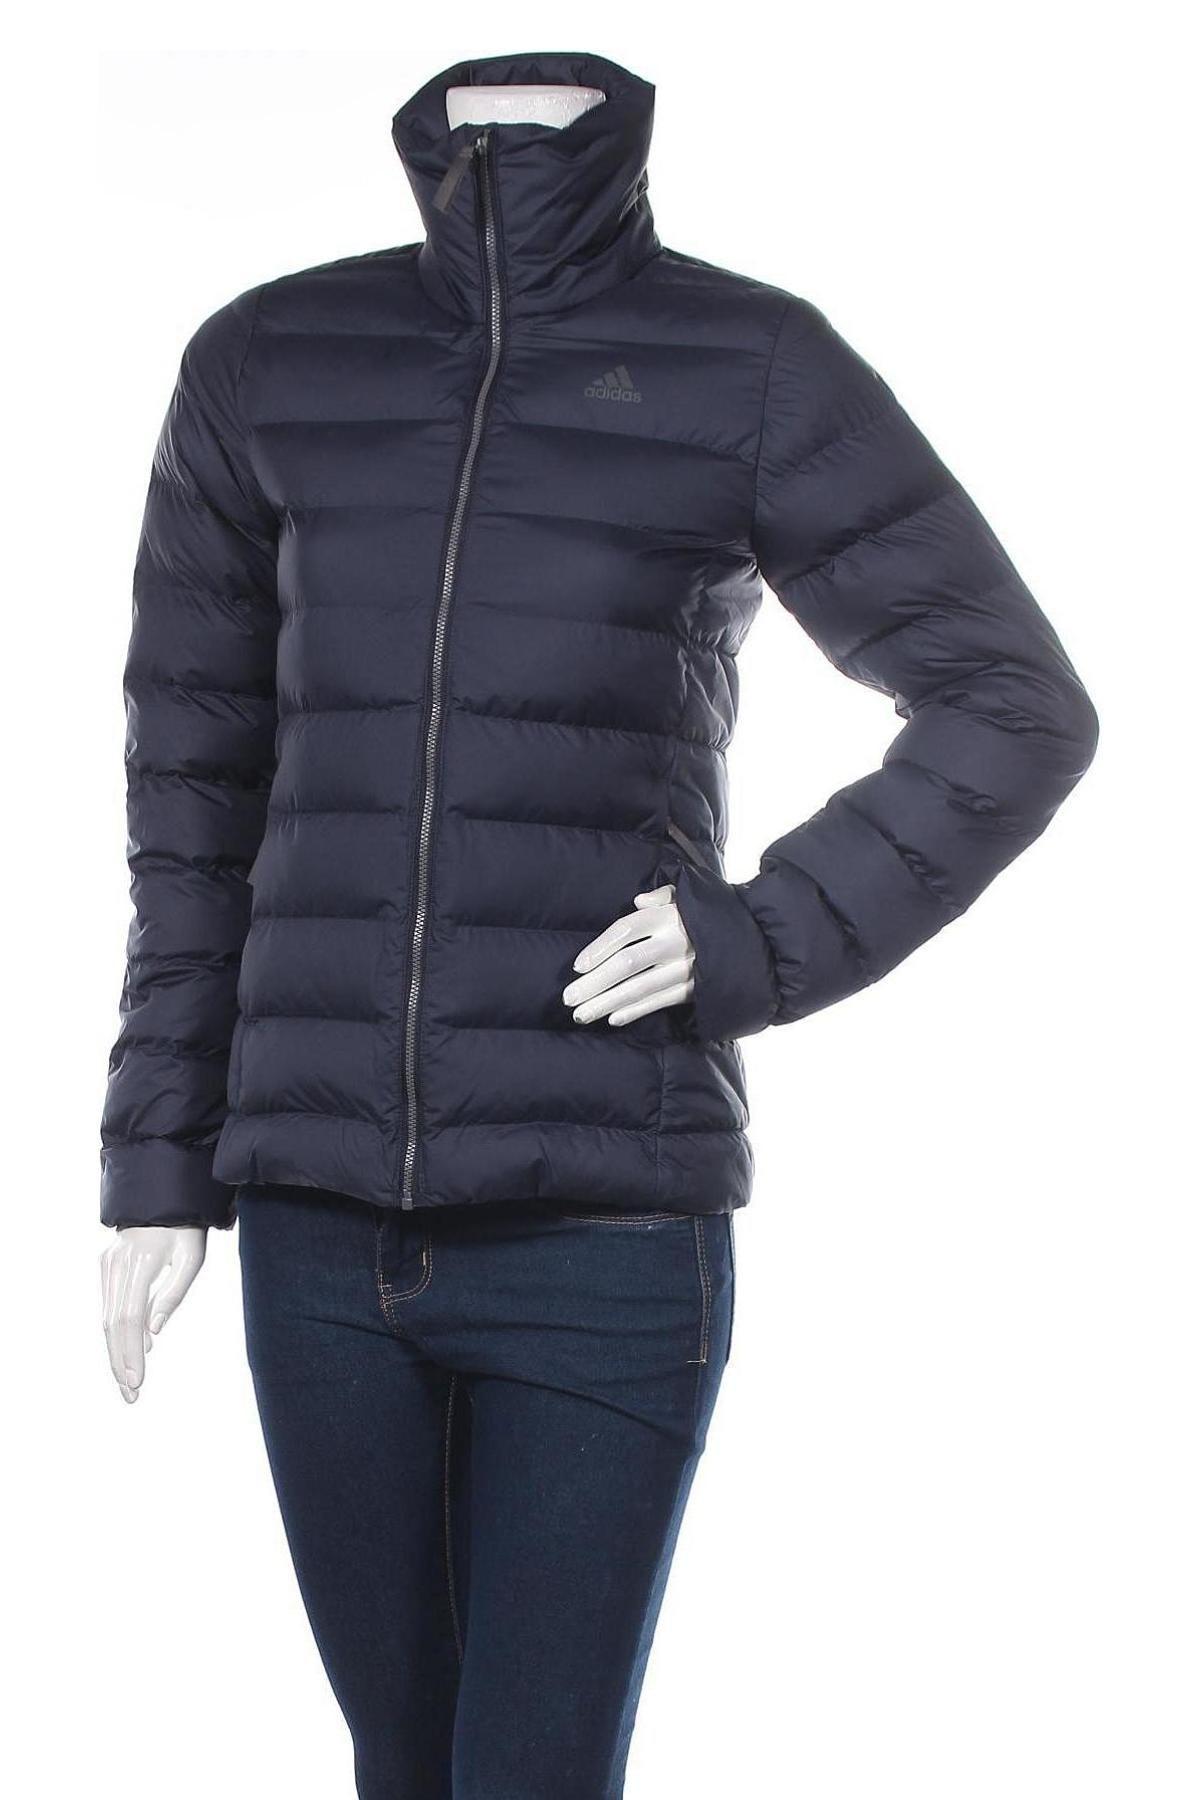 Γυναικείο μπουφάν Adidas, Μέγεθος XS, Χρώμα Μπλέ, Πολυεστέρας, Τιμή 65,33€